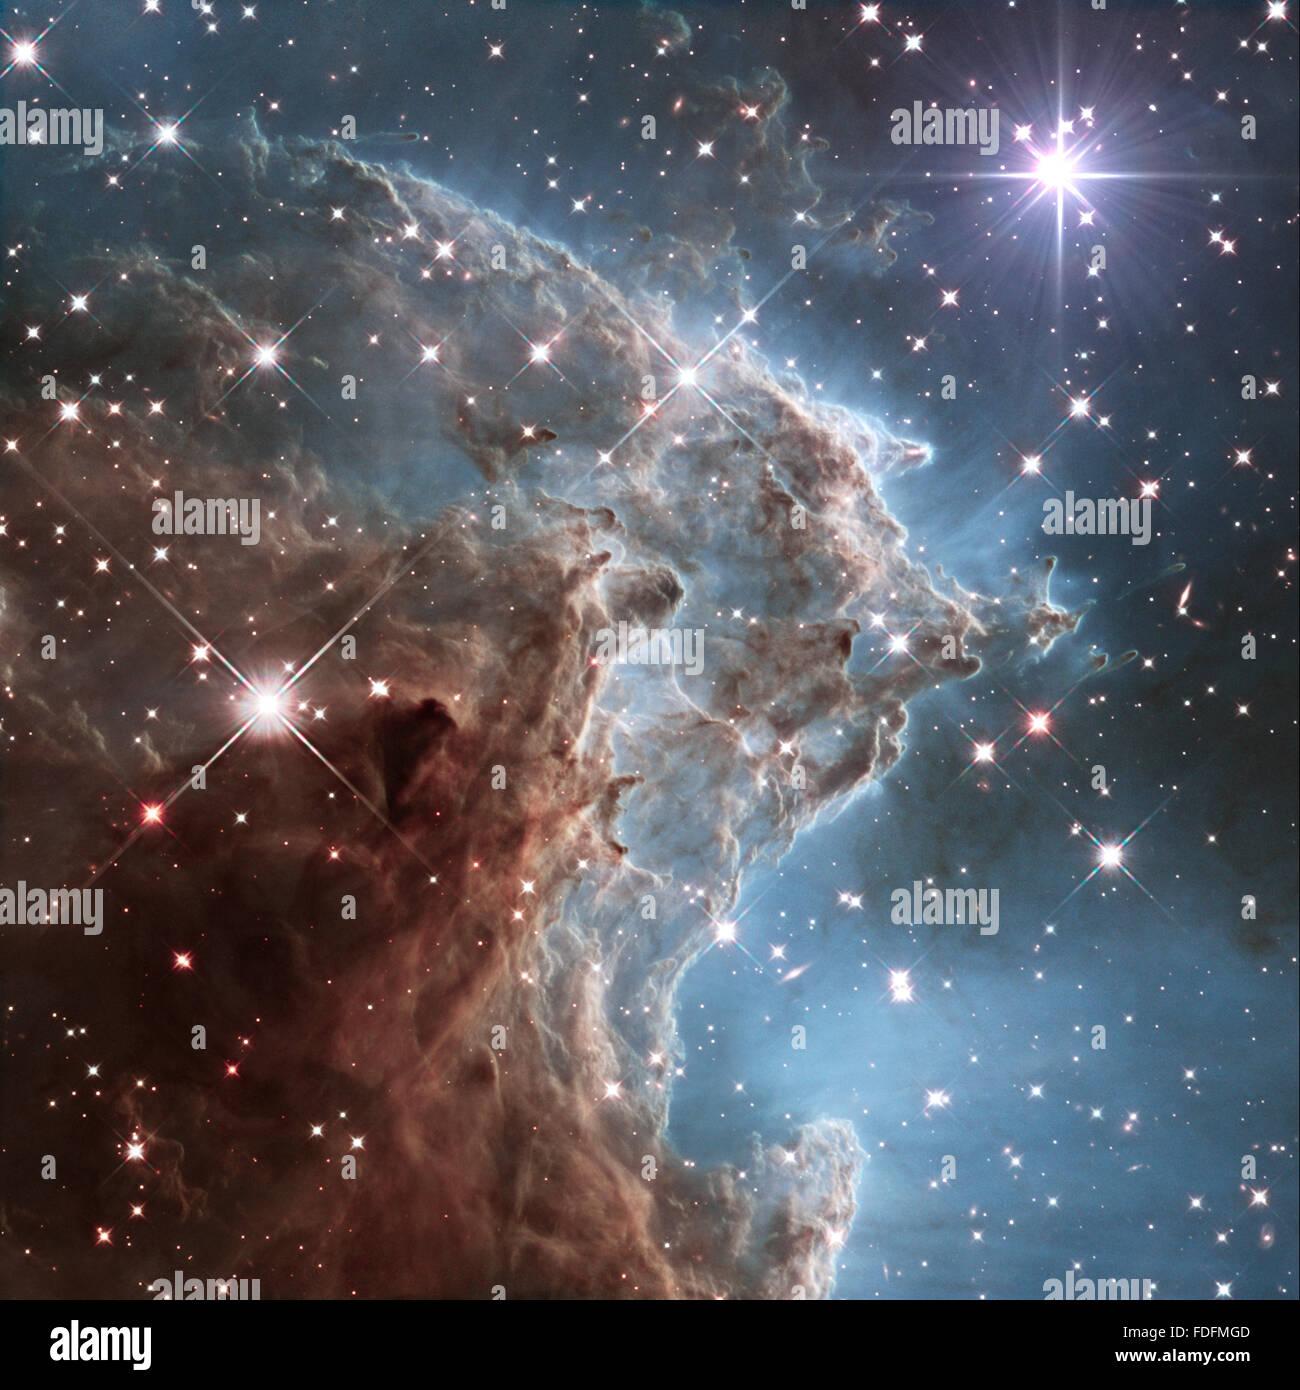 NASA Bild große Galaxie mit Abendstern Stockbild